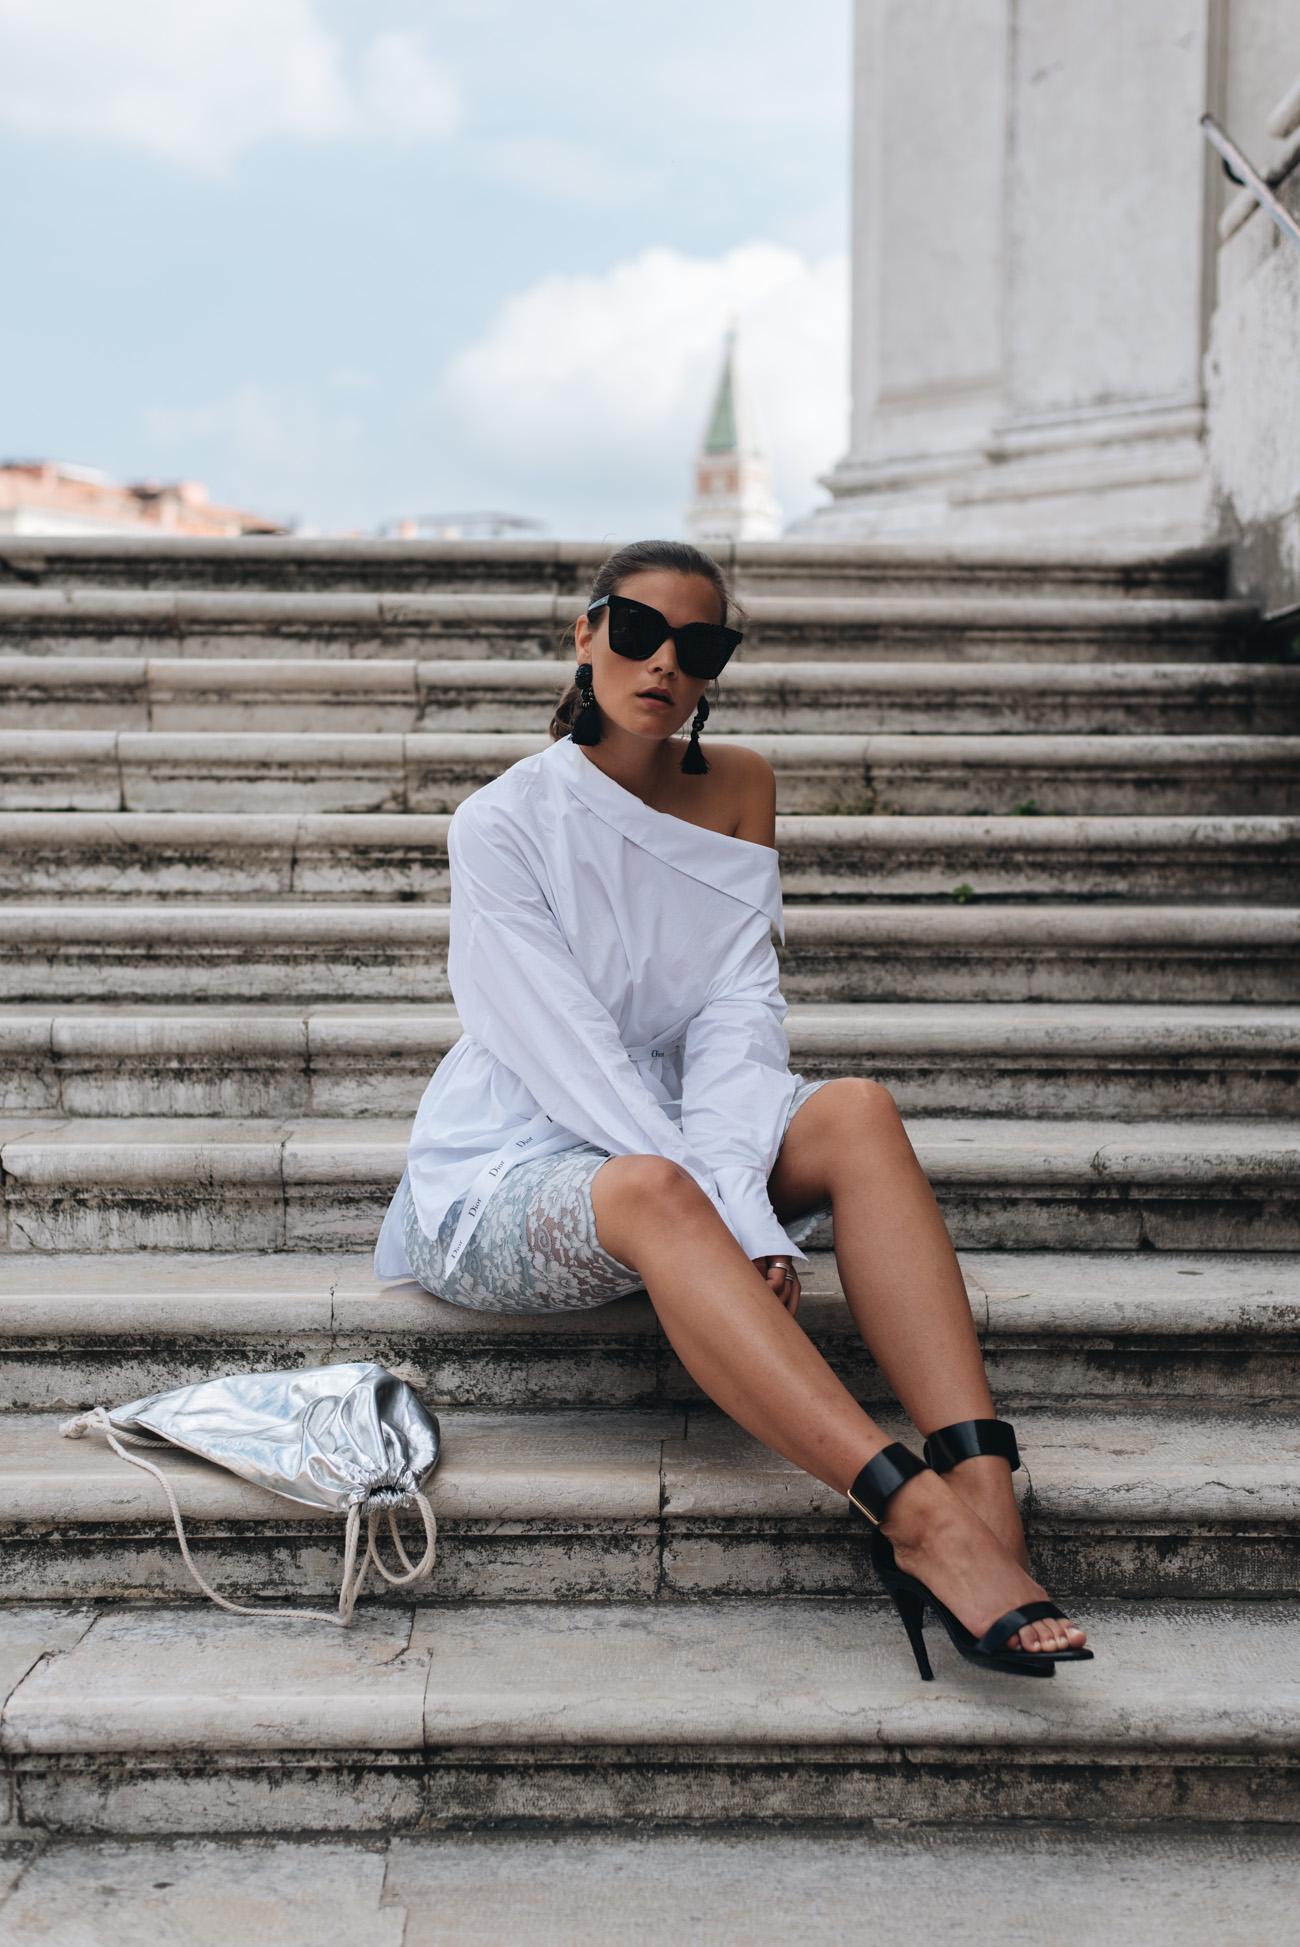 silberner-turnbeutel-trend-sportliche-handtasche-fashiioncarpet-nina-schwichtenberg